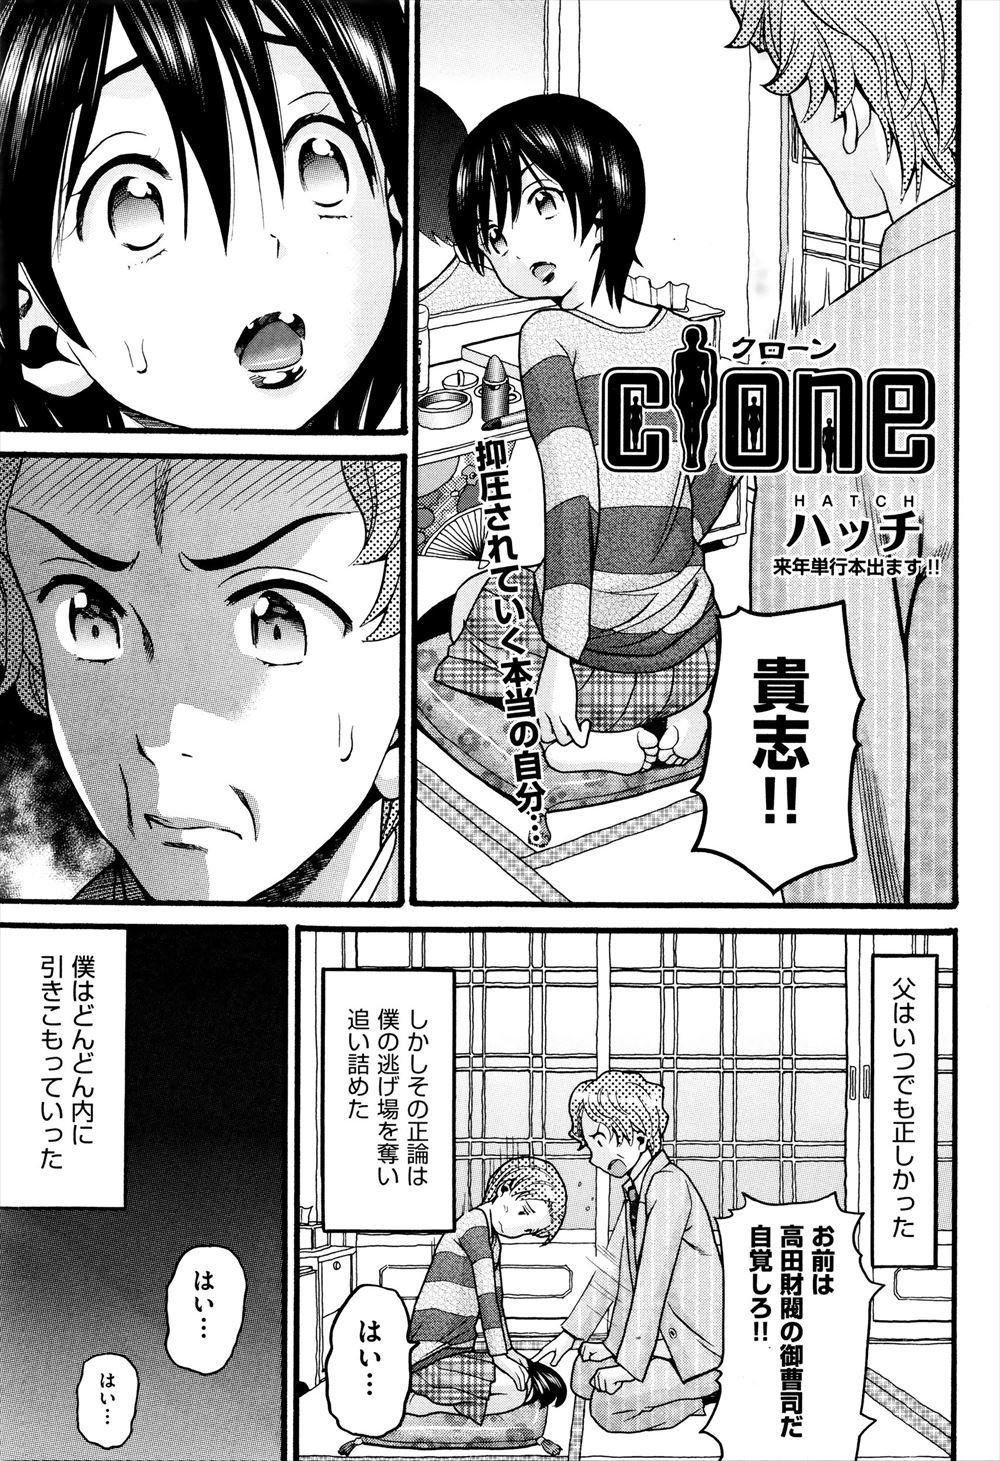 [ハッチ] clone (1)